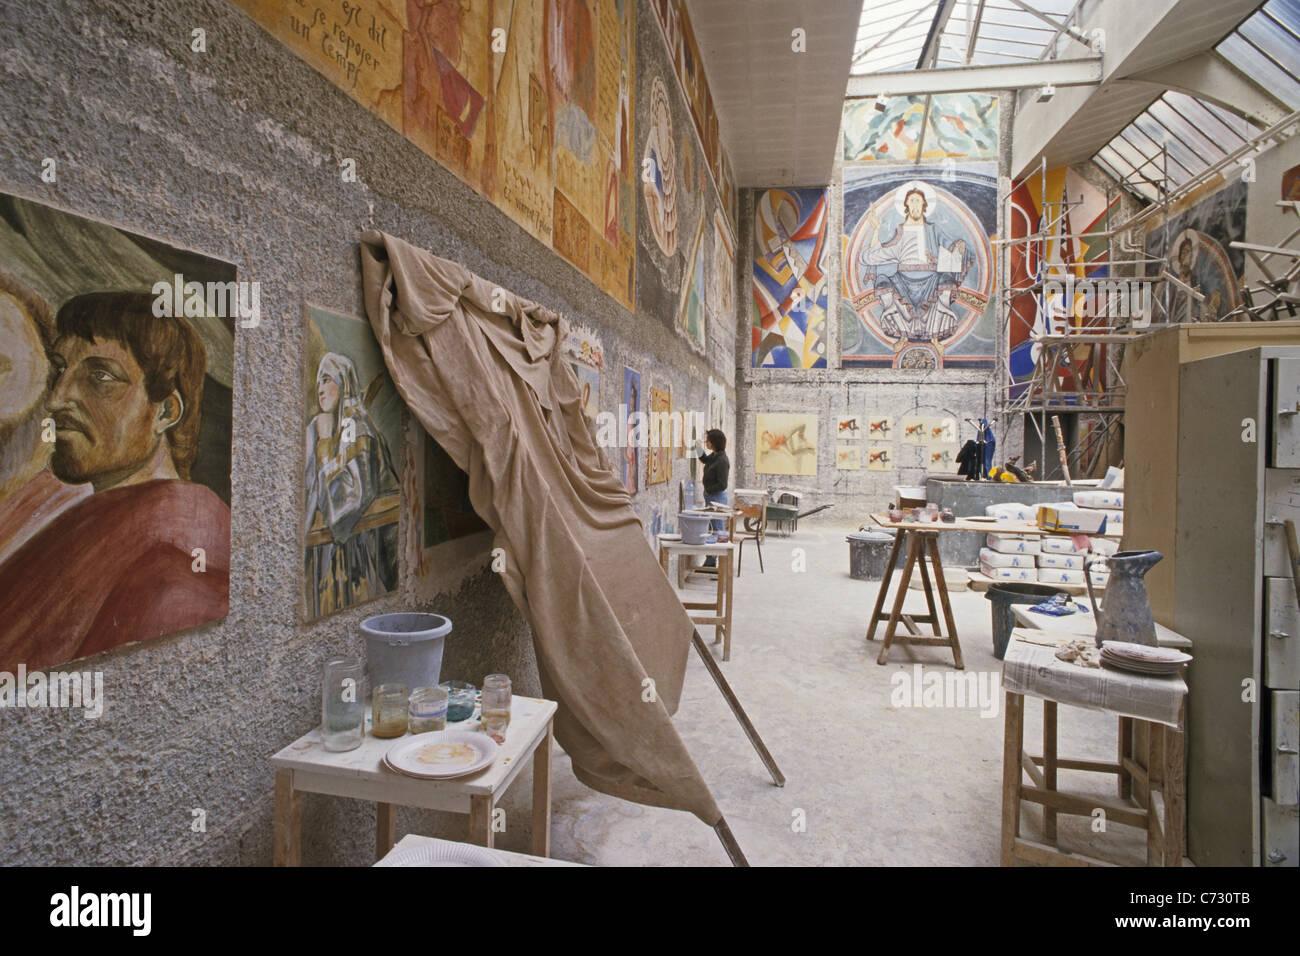 Ecole nationale superieure des beaux arts ensb a national - Ecole des beaux arts paris ...